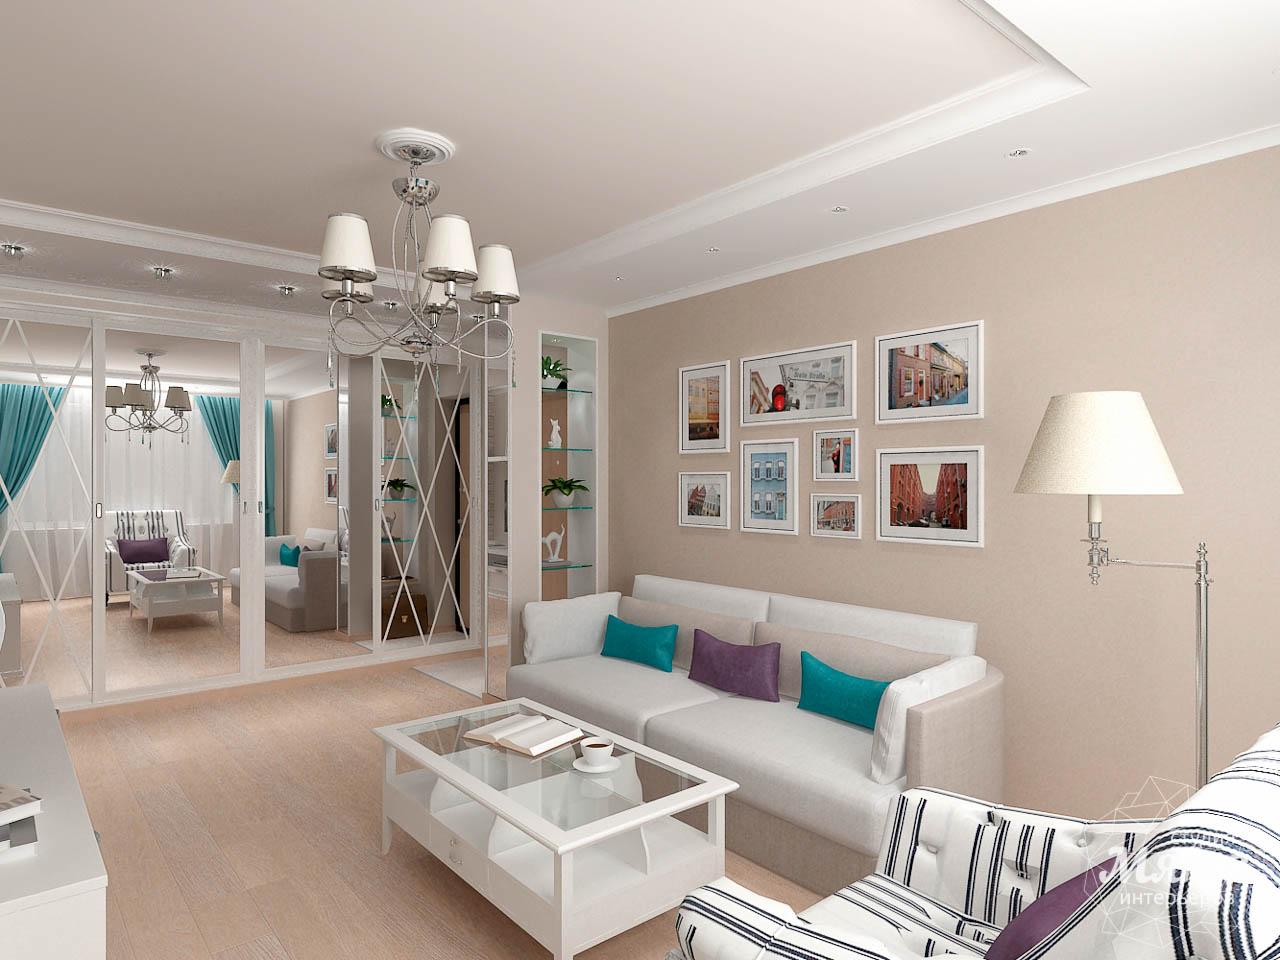 Дизайн интерьера двухкомнатной квартиры по ул. Шаумяна 93 img507192754